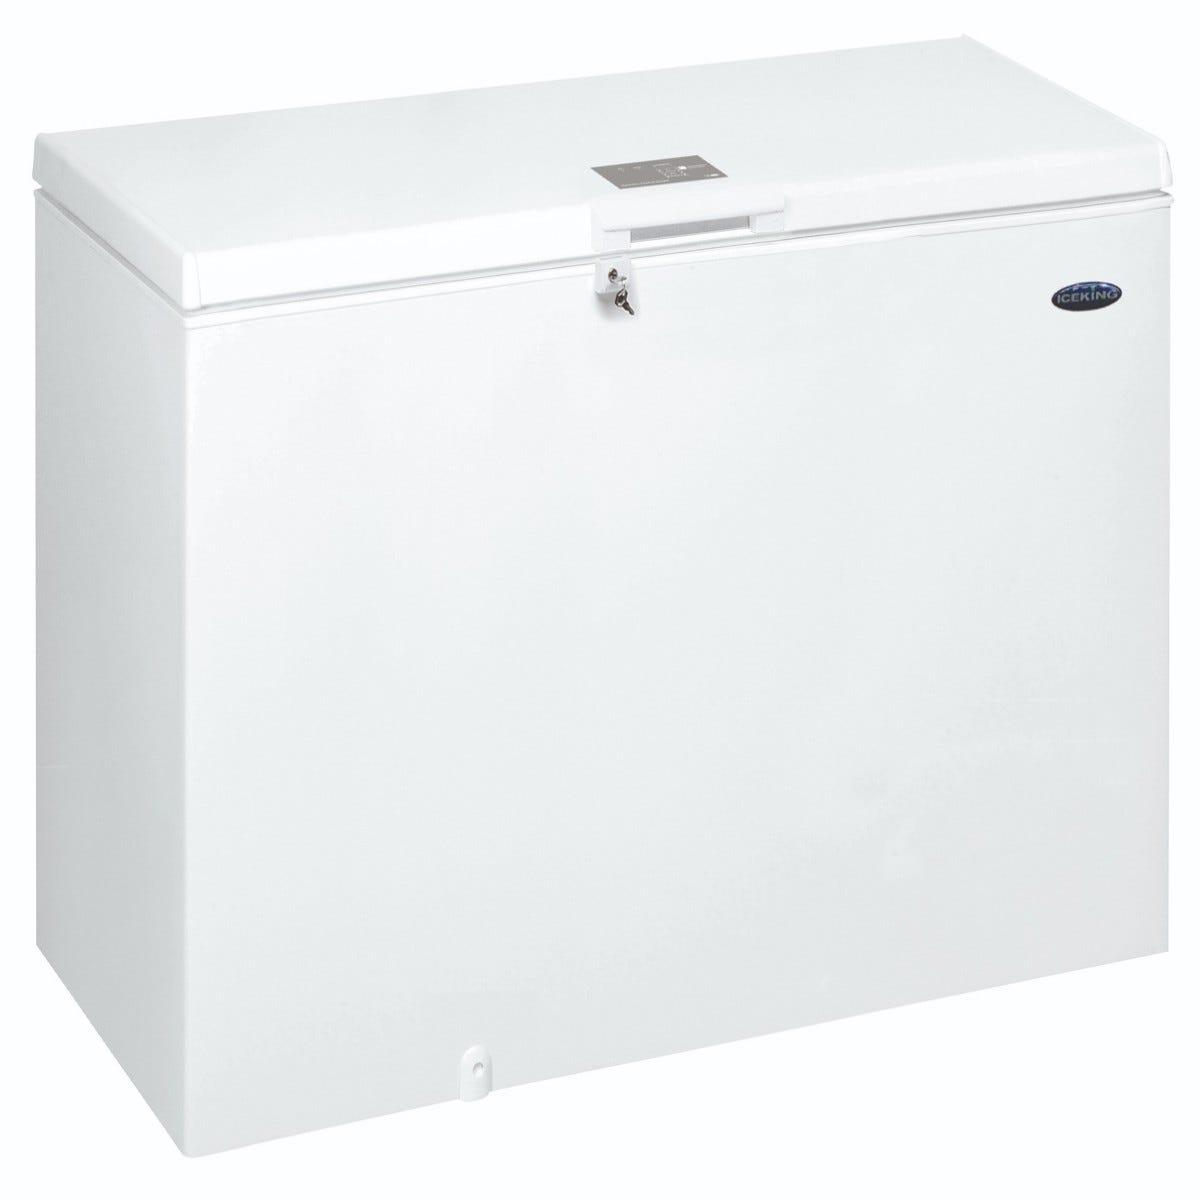 Iceking CF432W.E 432 Litre Chest Freezer - White